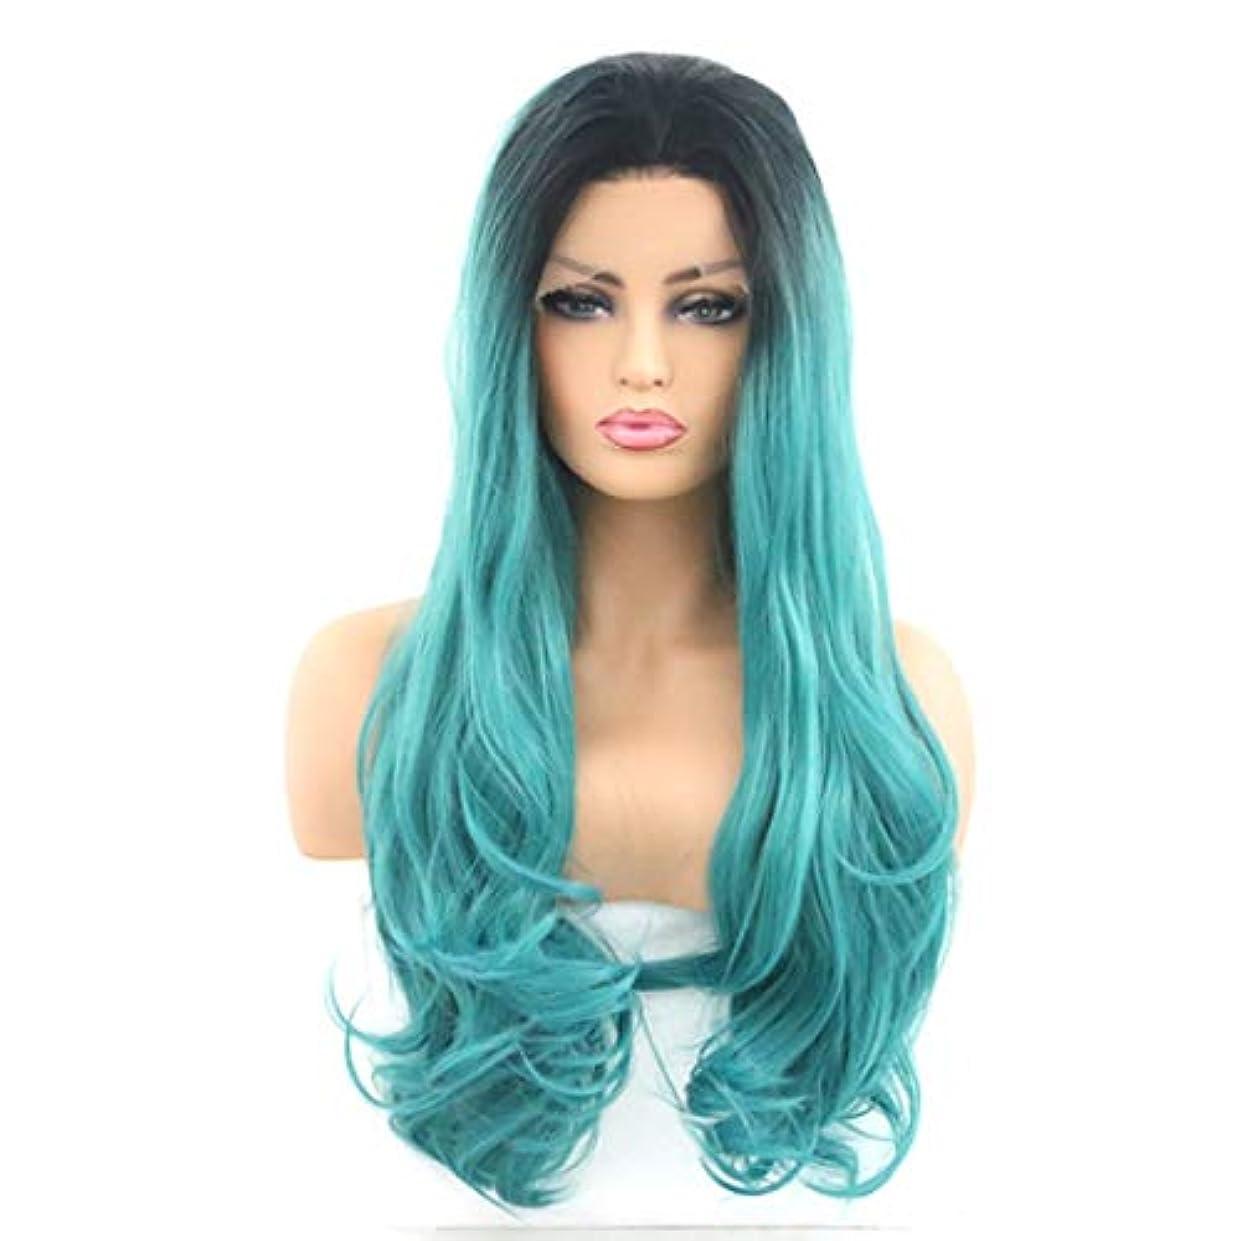 適用する有限噂Kerwinner 女性のためのフロントレースかつら、長い巻き毛、大きな波、巻き毛、化学繊維かつら (Size : 26inch)